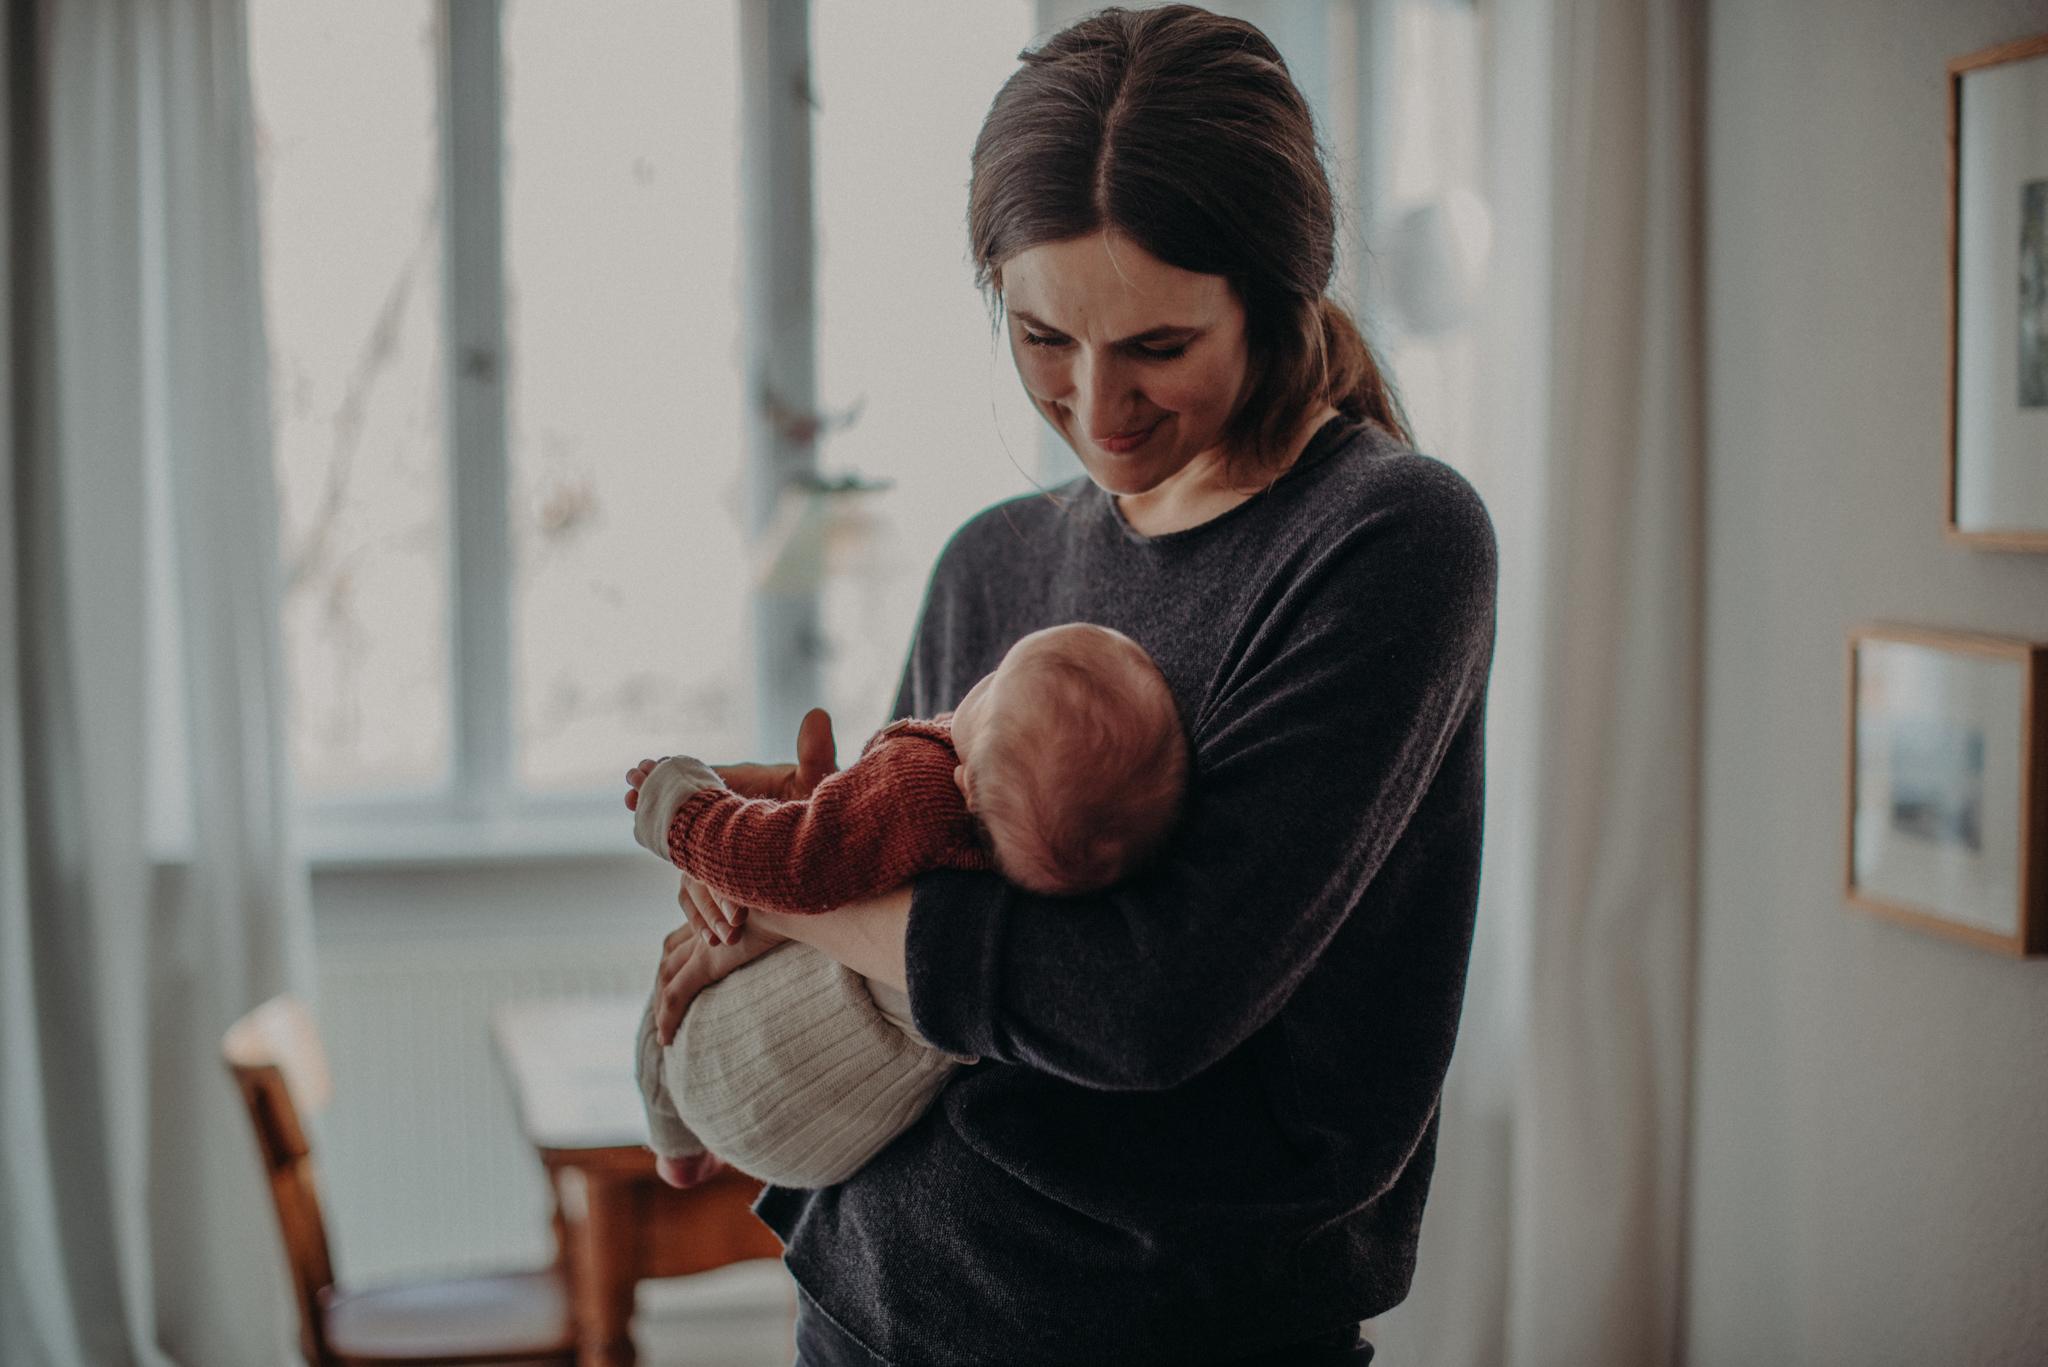 Natürliches Neugeborenenfoto von schlafendem Baby entstanden im Arm der Mutter bei Babyfotoshooting Zuhause in Freiburg